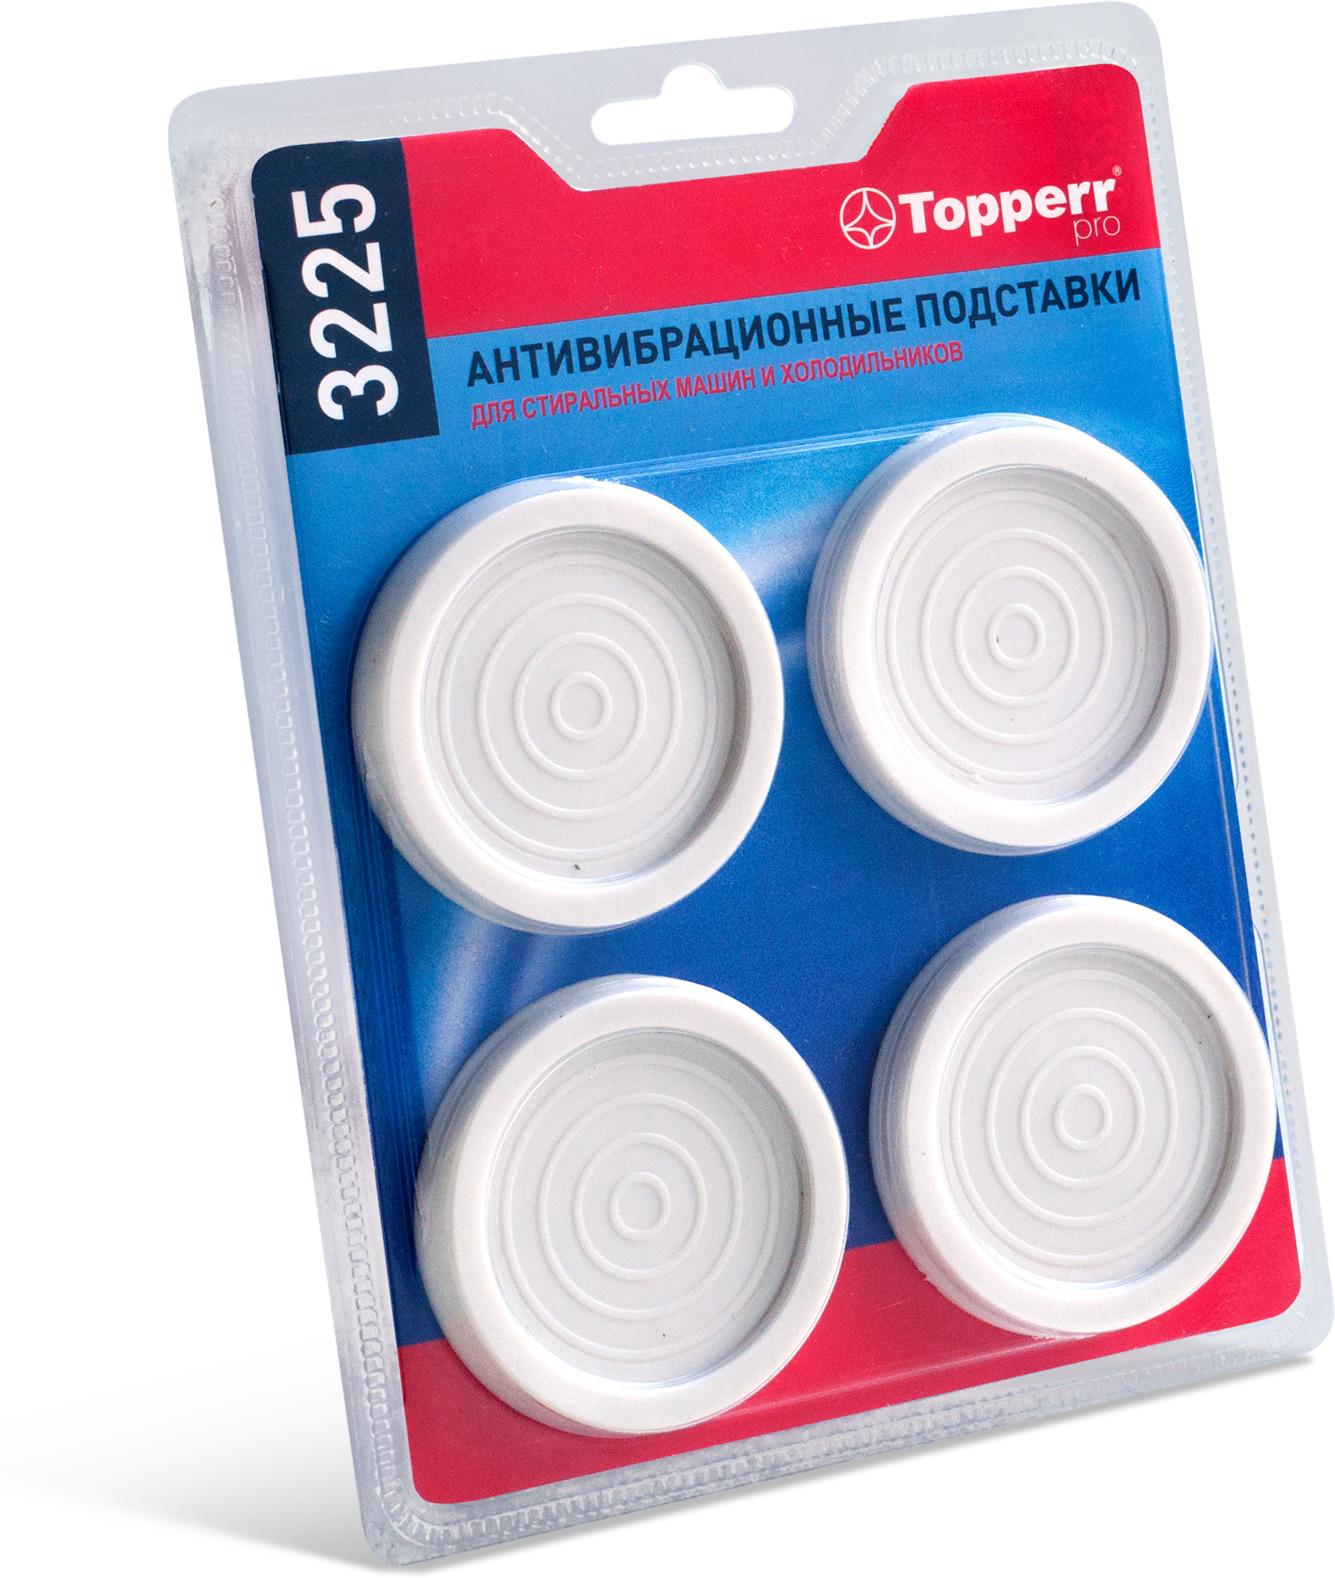 Подставки антивибрационные для стиральных машин Topperr, 3225, тонкие, белый, 4 шт аксессуар антивибрационные подставки для стиральных машин и холодильников topperr 3206